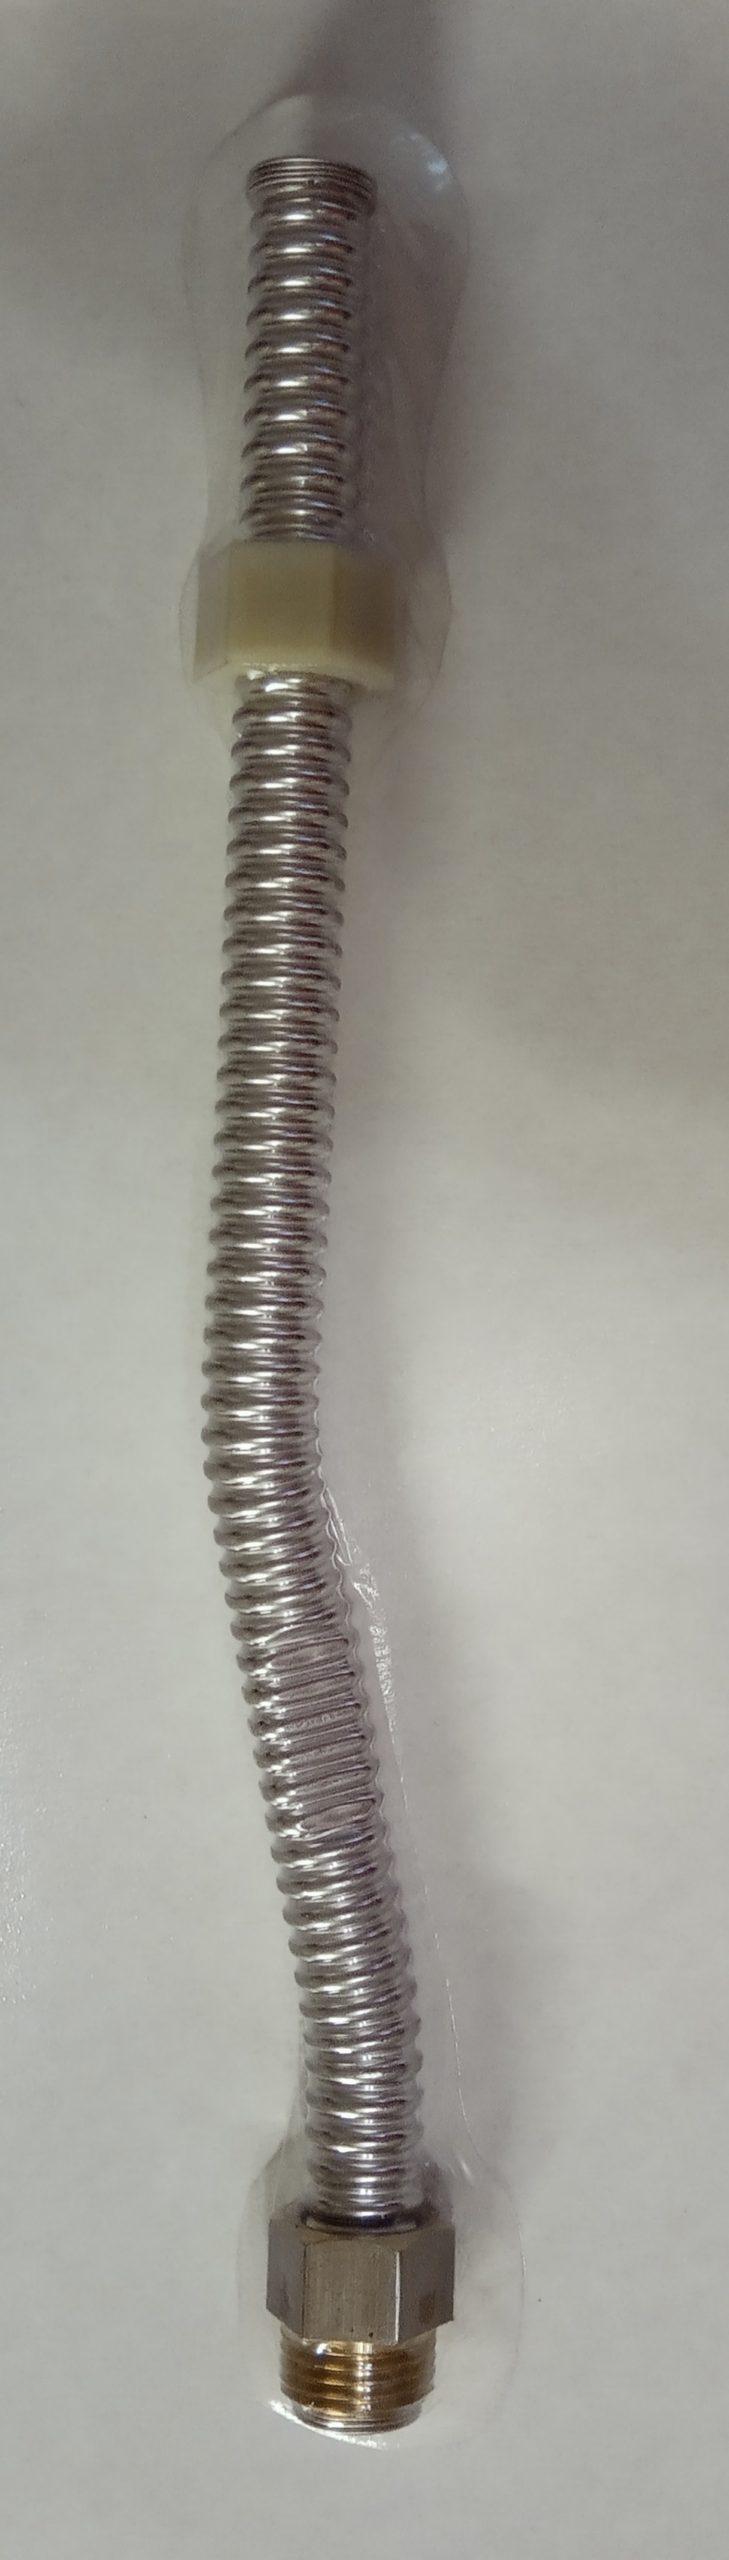 Трубка горячей воды для газовых колонок Нева 5514, 4513